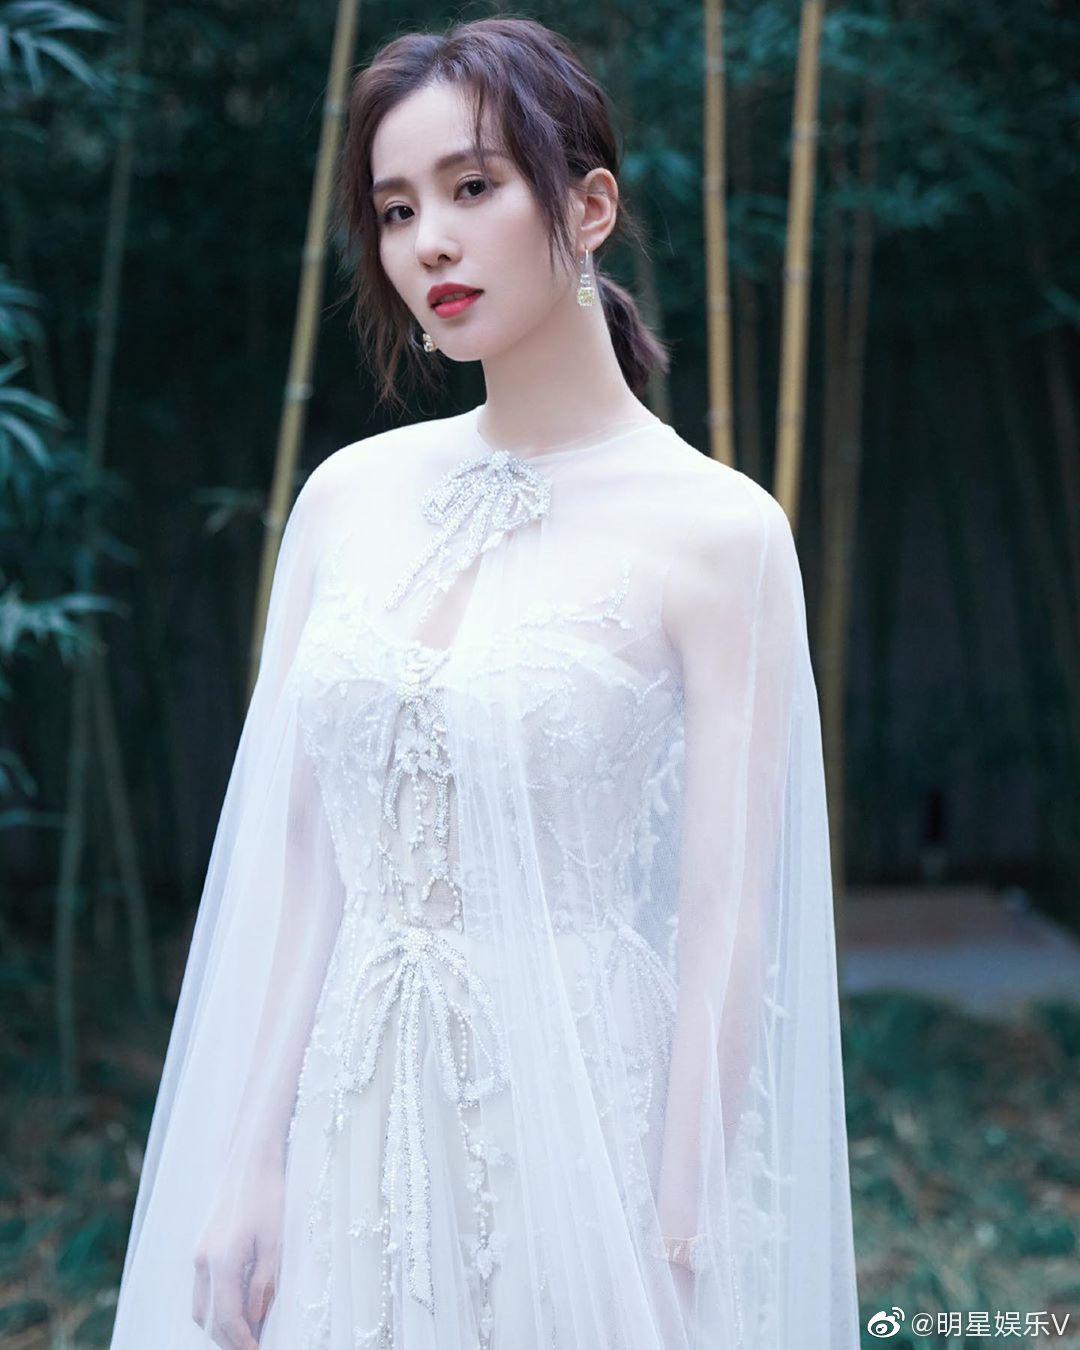 刘诗诗写真图片,白色披风纱裙仙气十足,端庄优雅温柔大方!